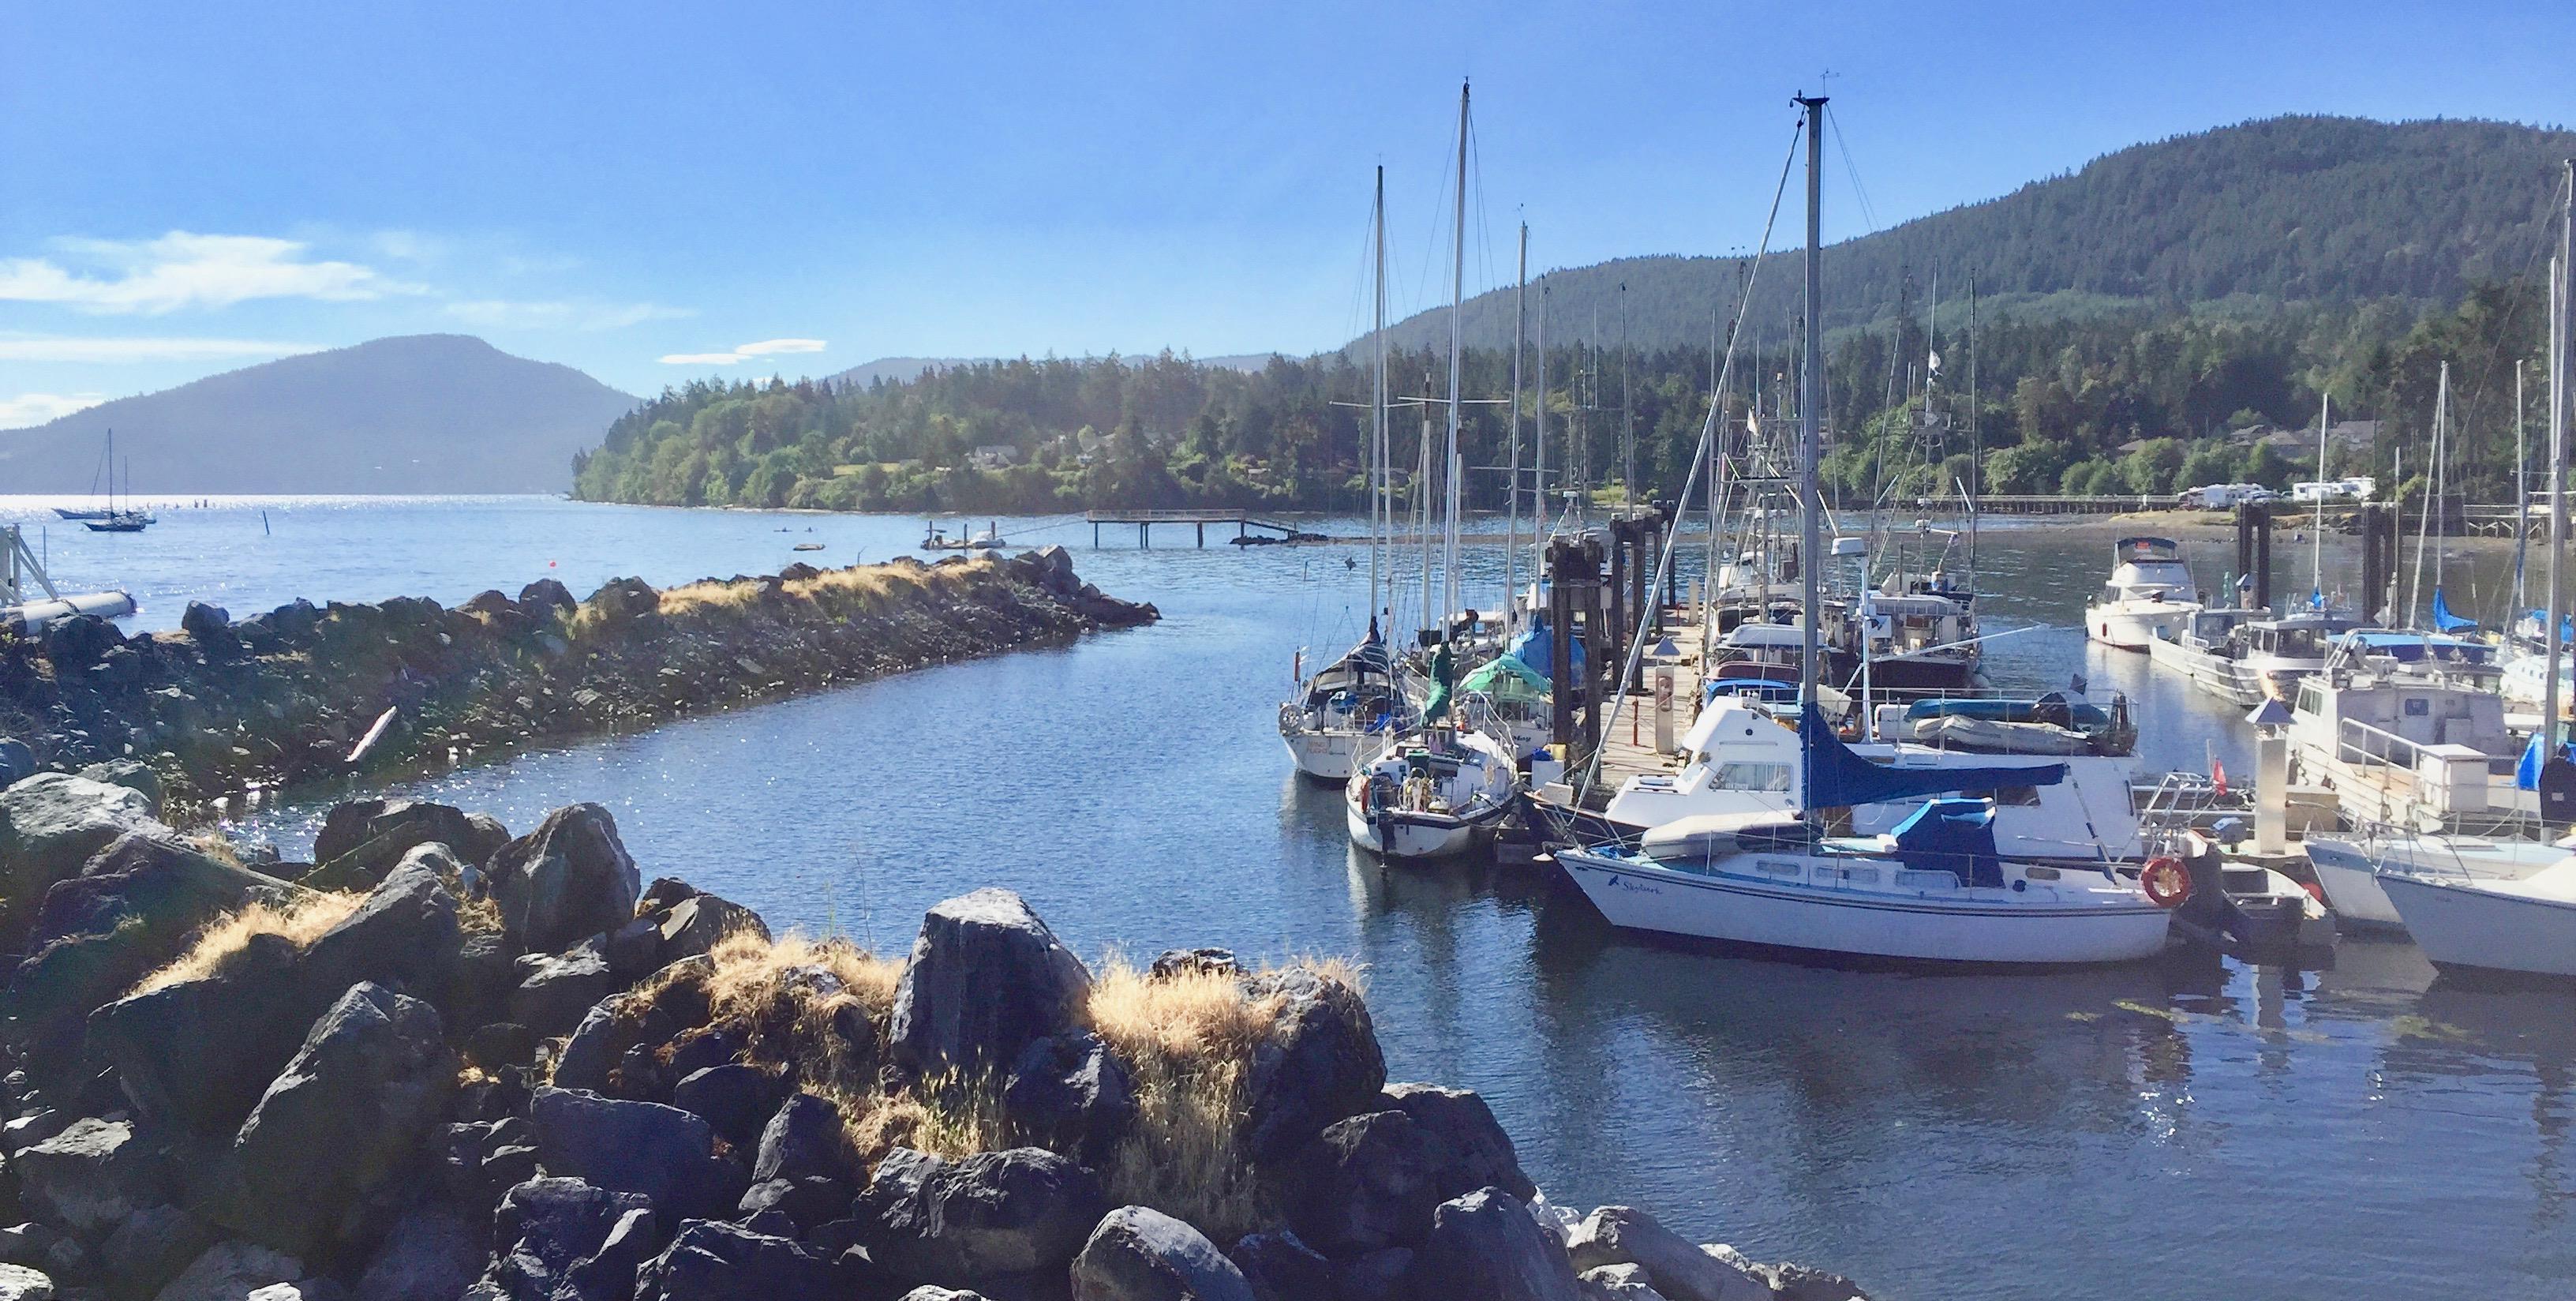 Marina at Crofton Ferry